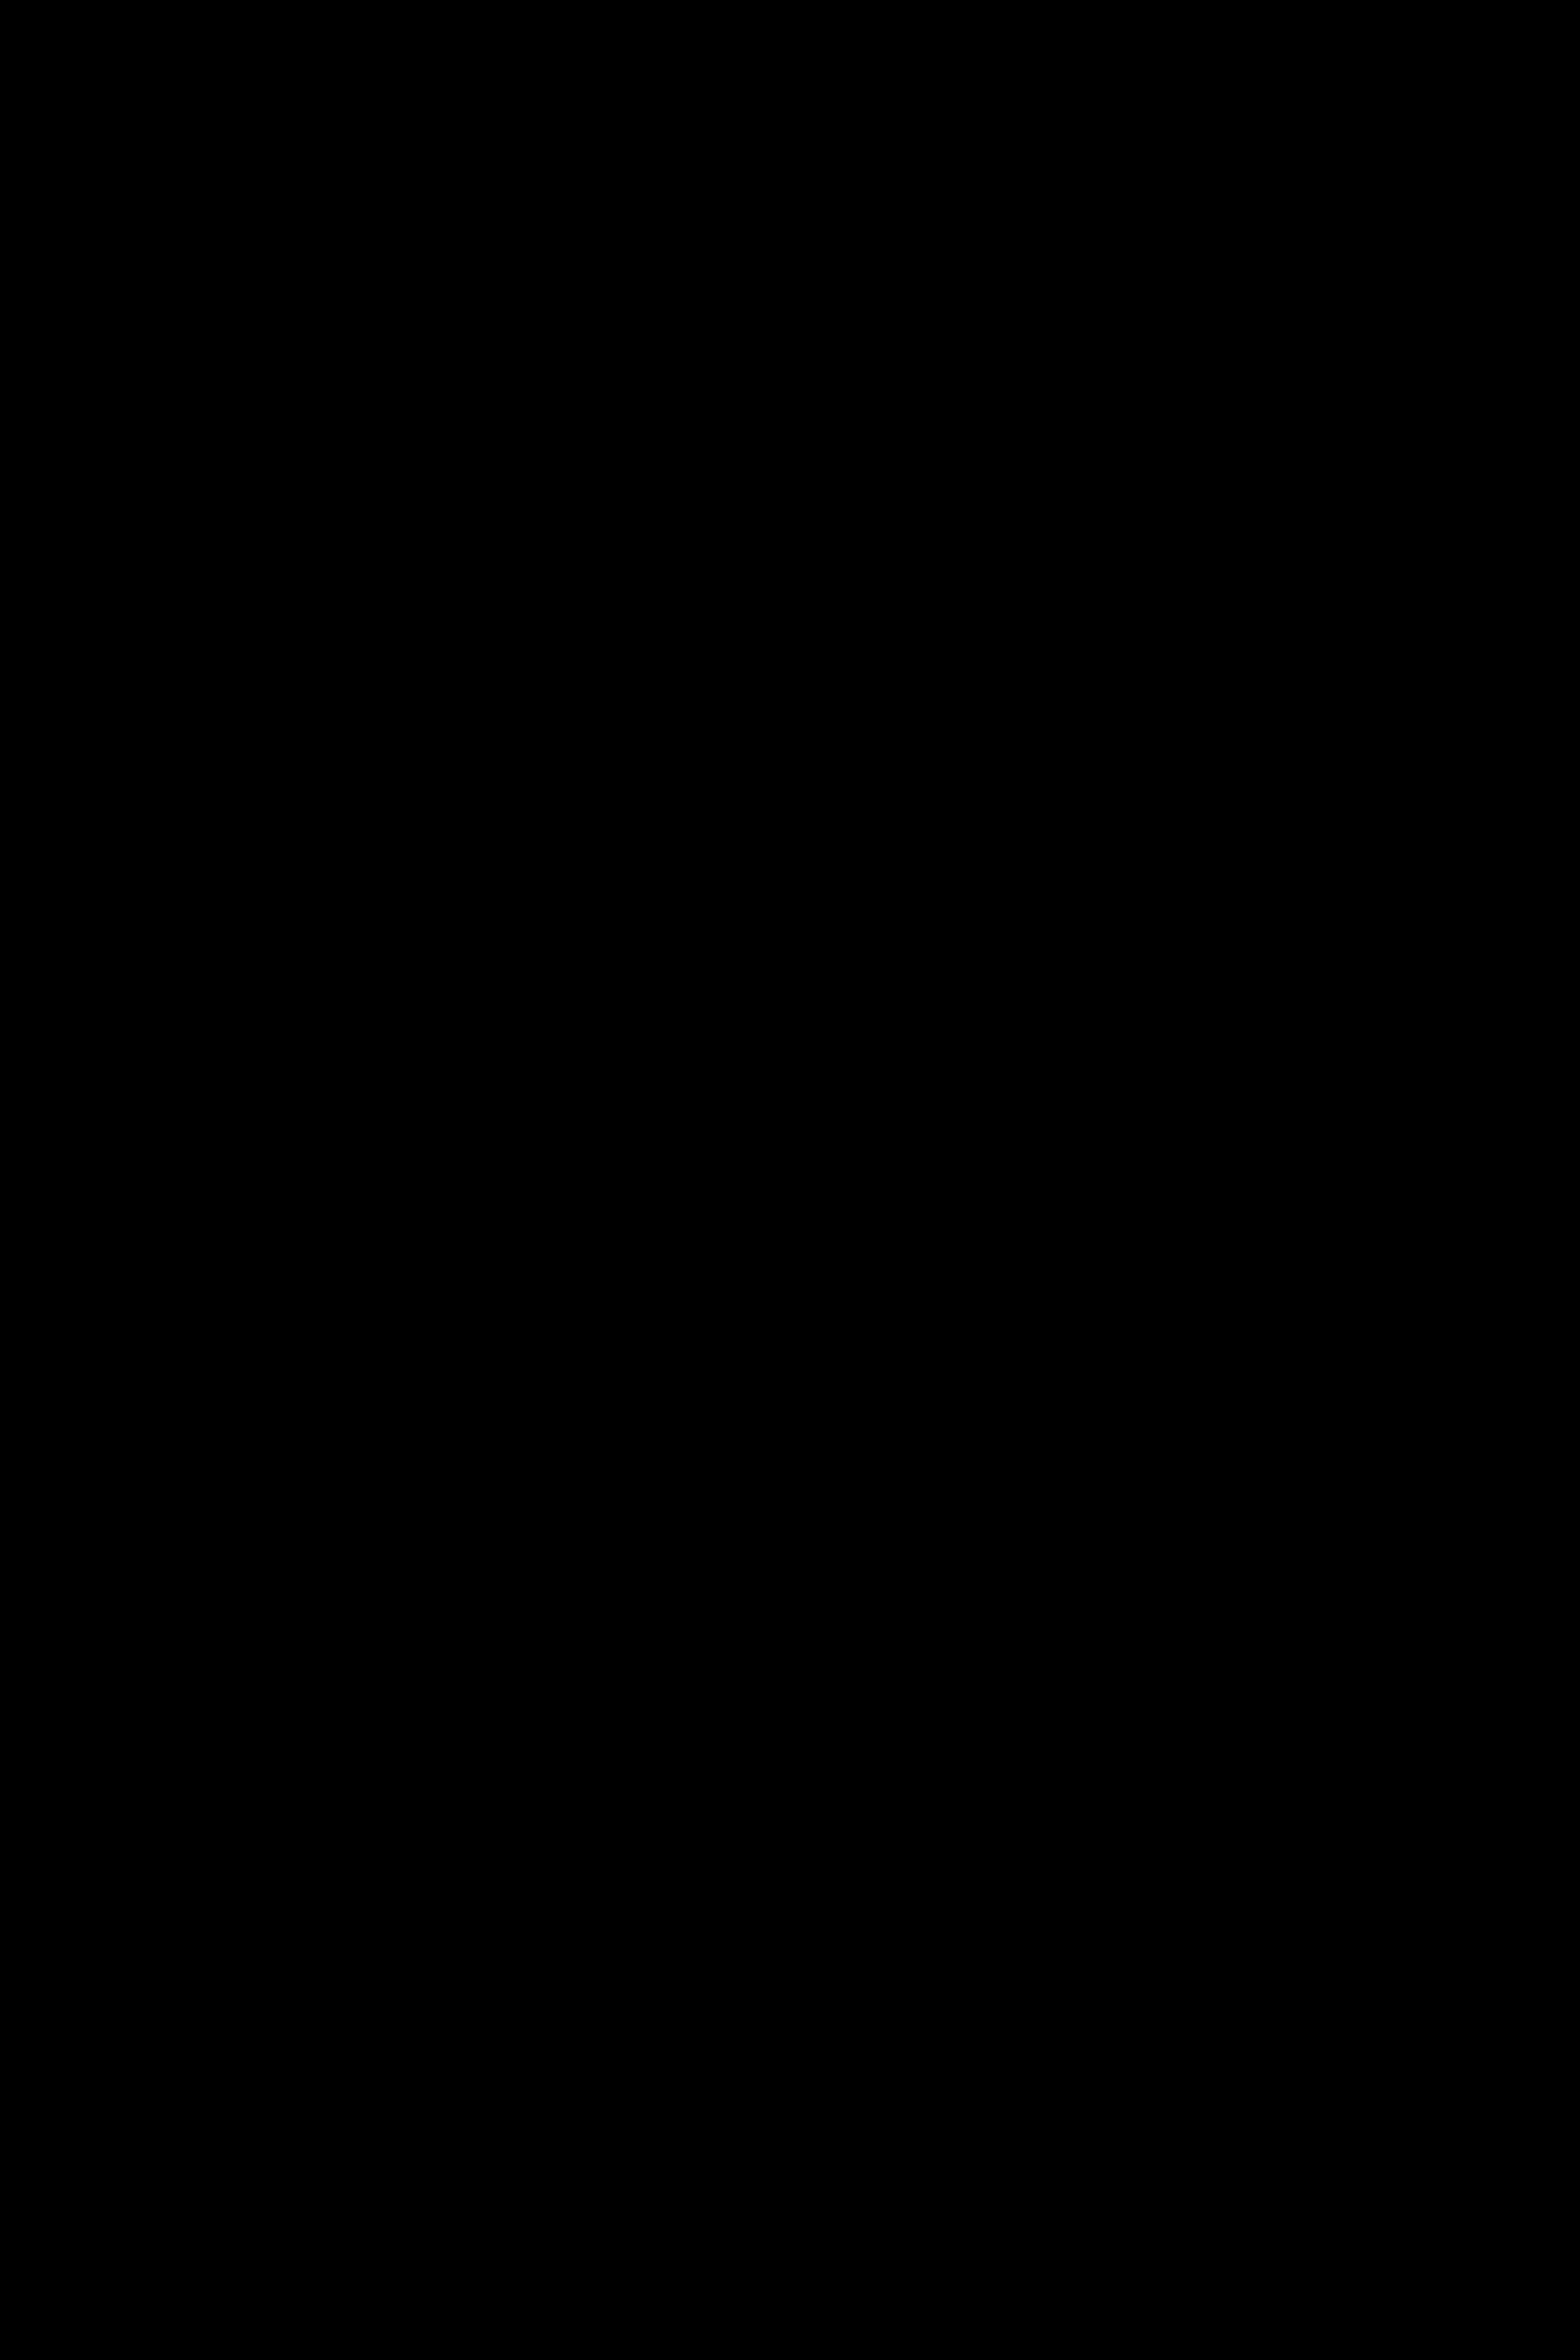 SIN GAFETES VF-03